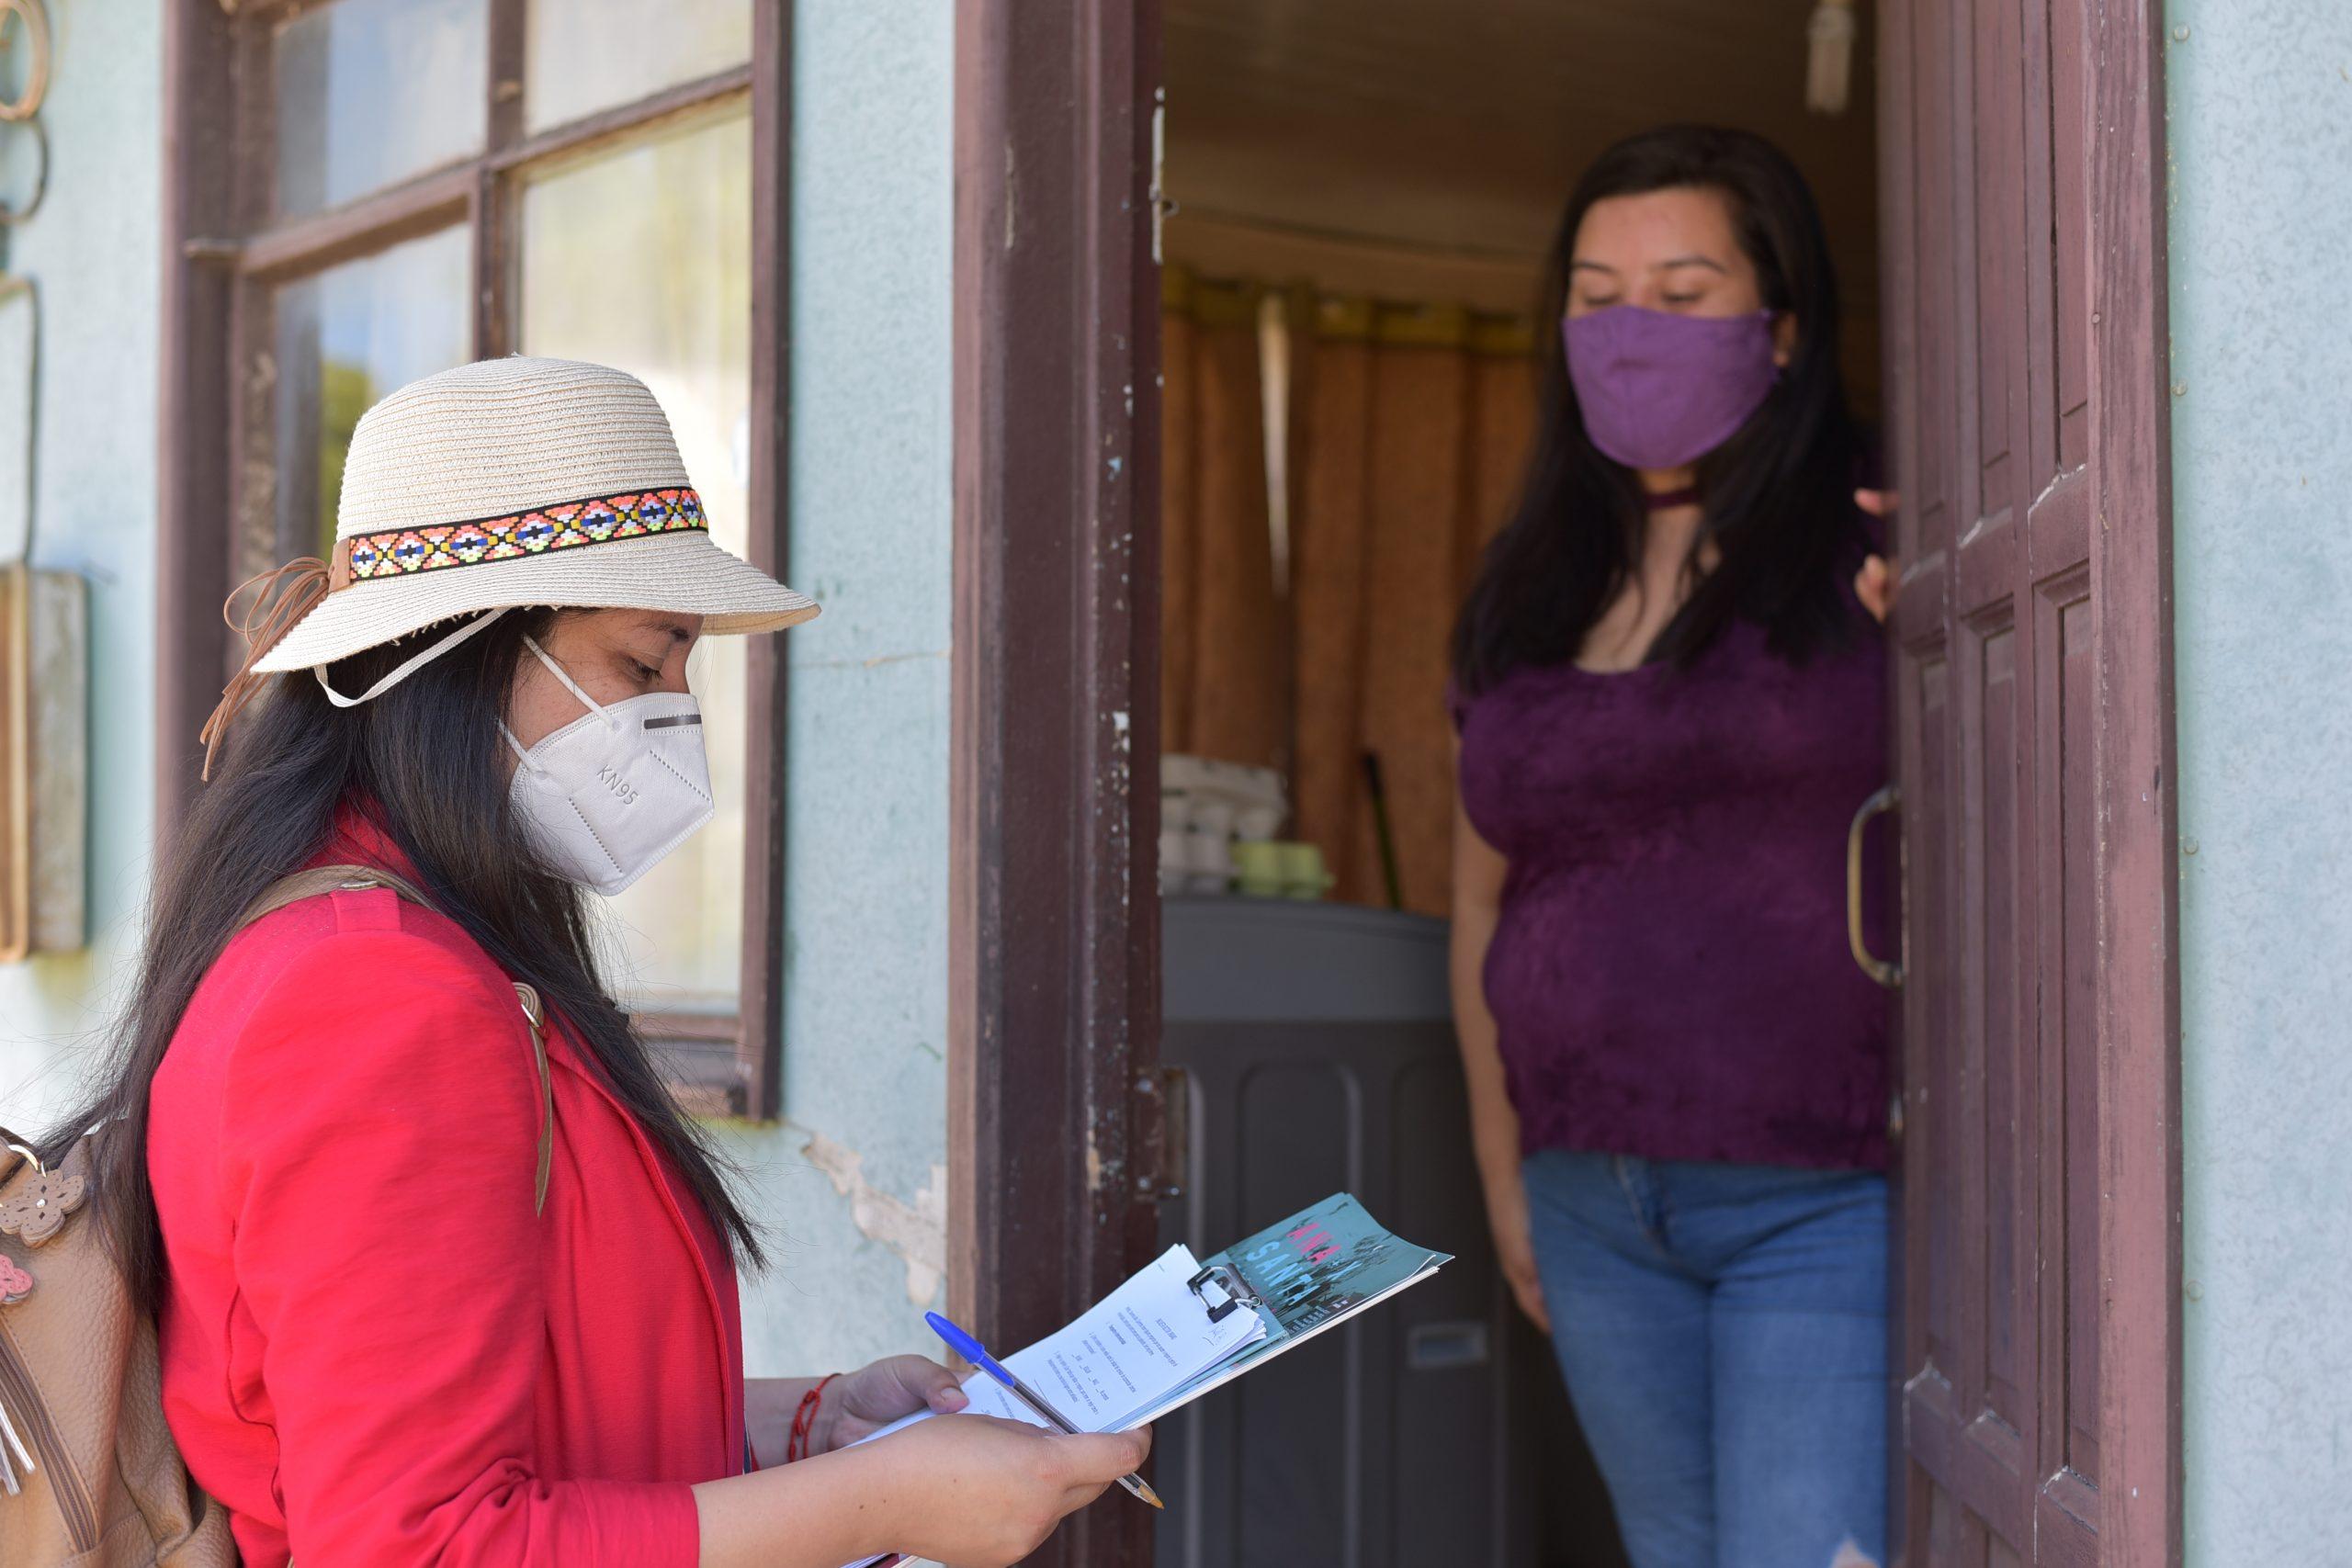 Ana Albornoz lidera encuesta para ser alcalde de Santa Juana por amplia mayoría